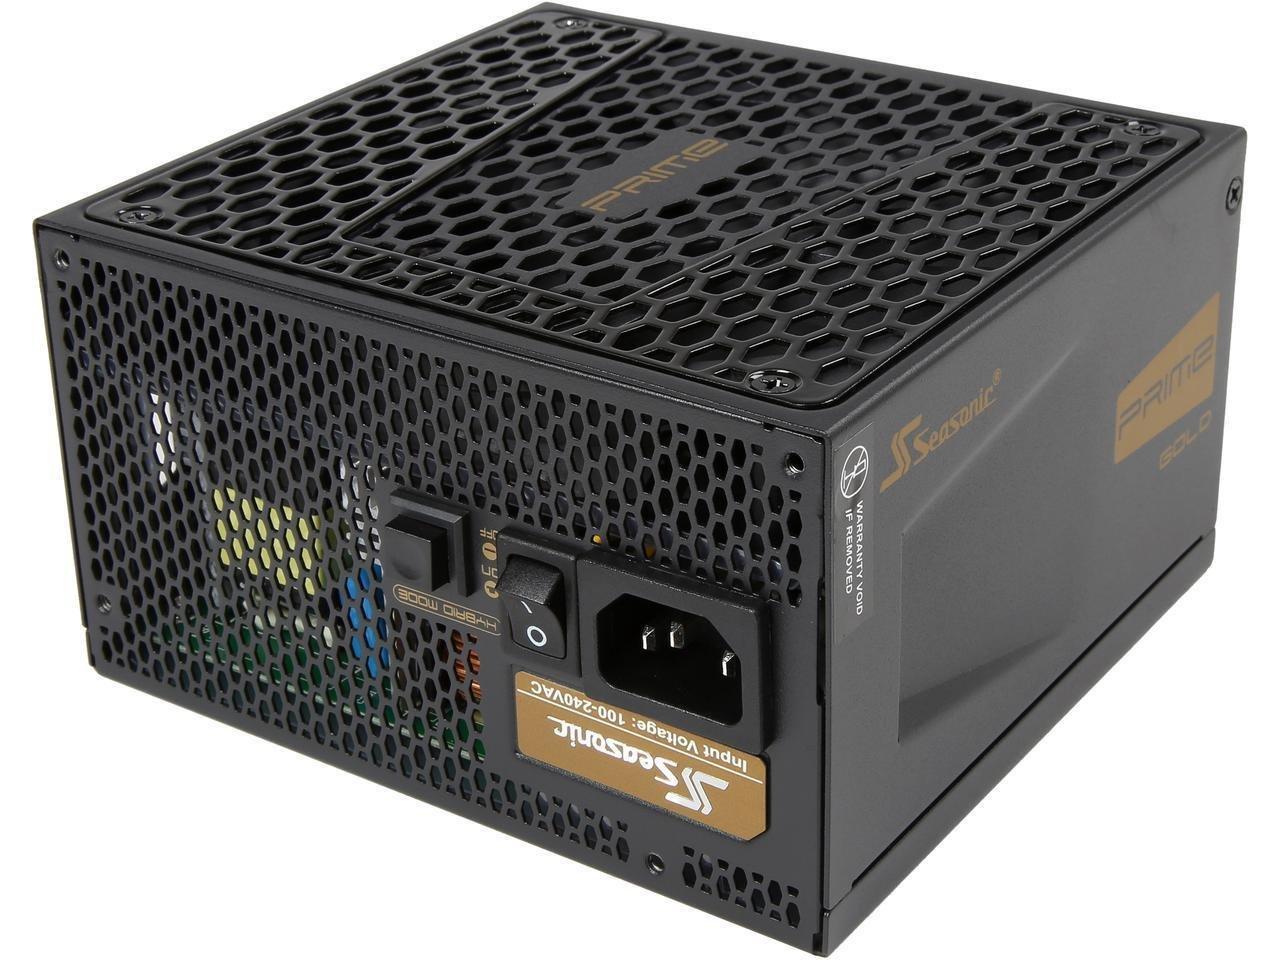 Seasonic PRIME Ultra 650W 80 PLUS Gold Power Supply, Full Modular, 135mm FDB Fan w/Hybrid Fan Control, ATX12V & EPS12V, Poweron-Self Tester,- 12 yr Warranty (SSR-650GD v2)